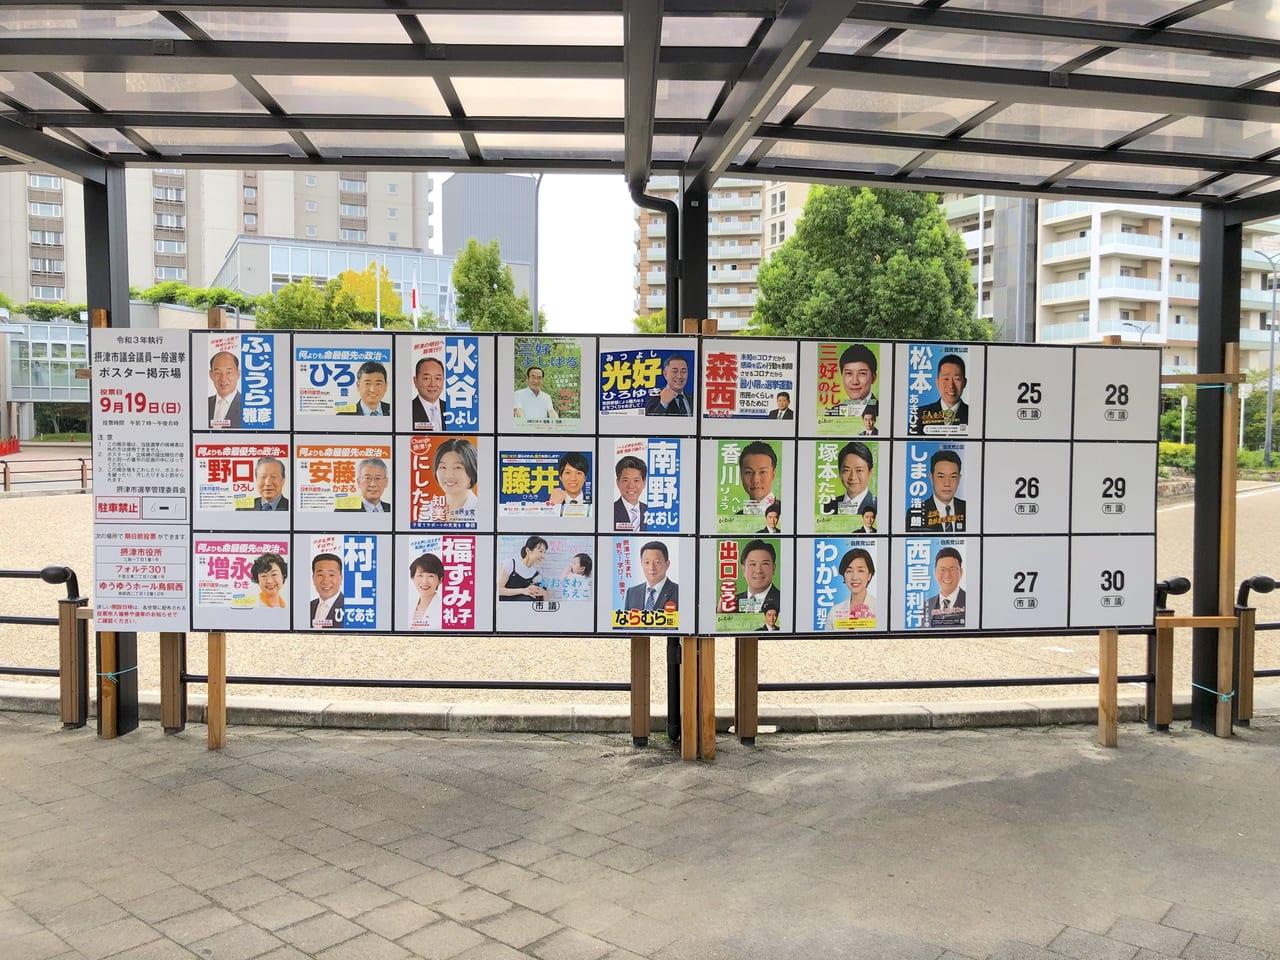 2021摂津市議会議員一般選挙候補者